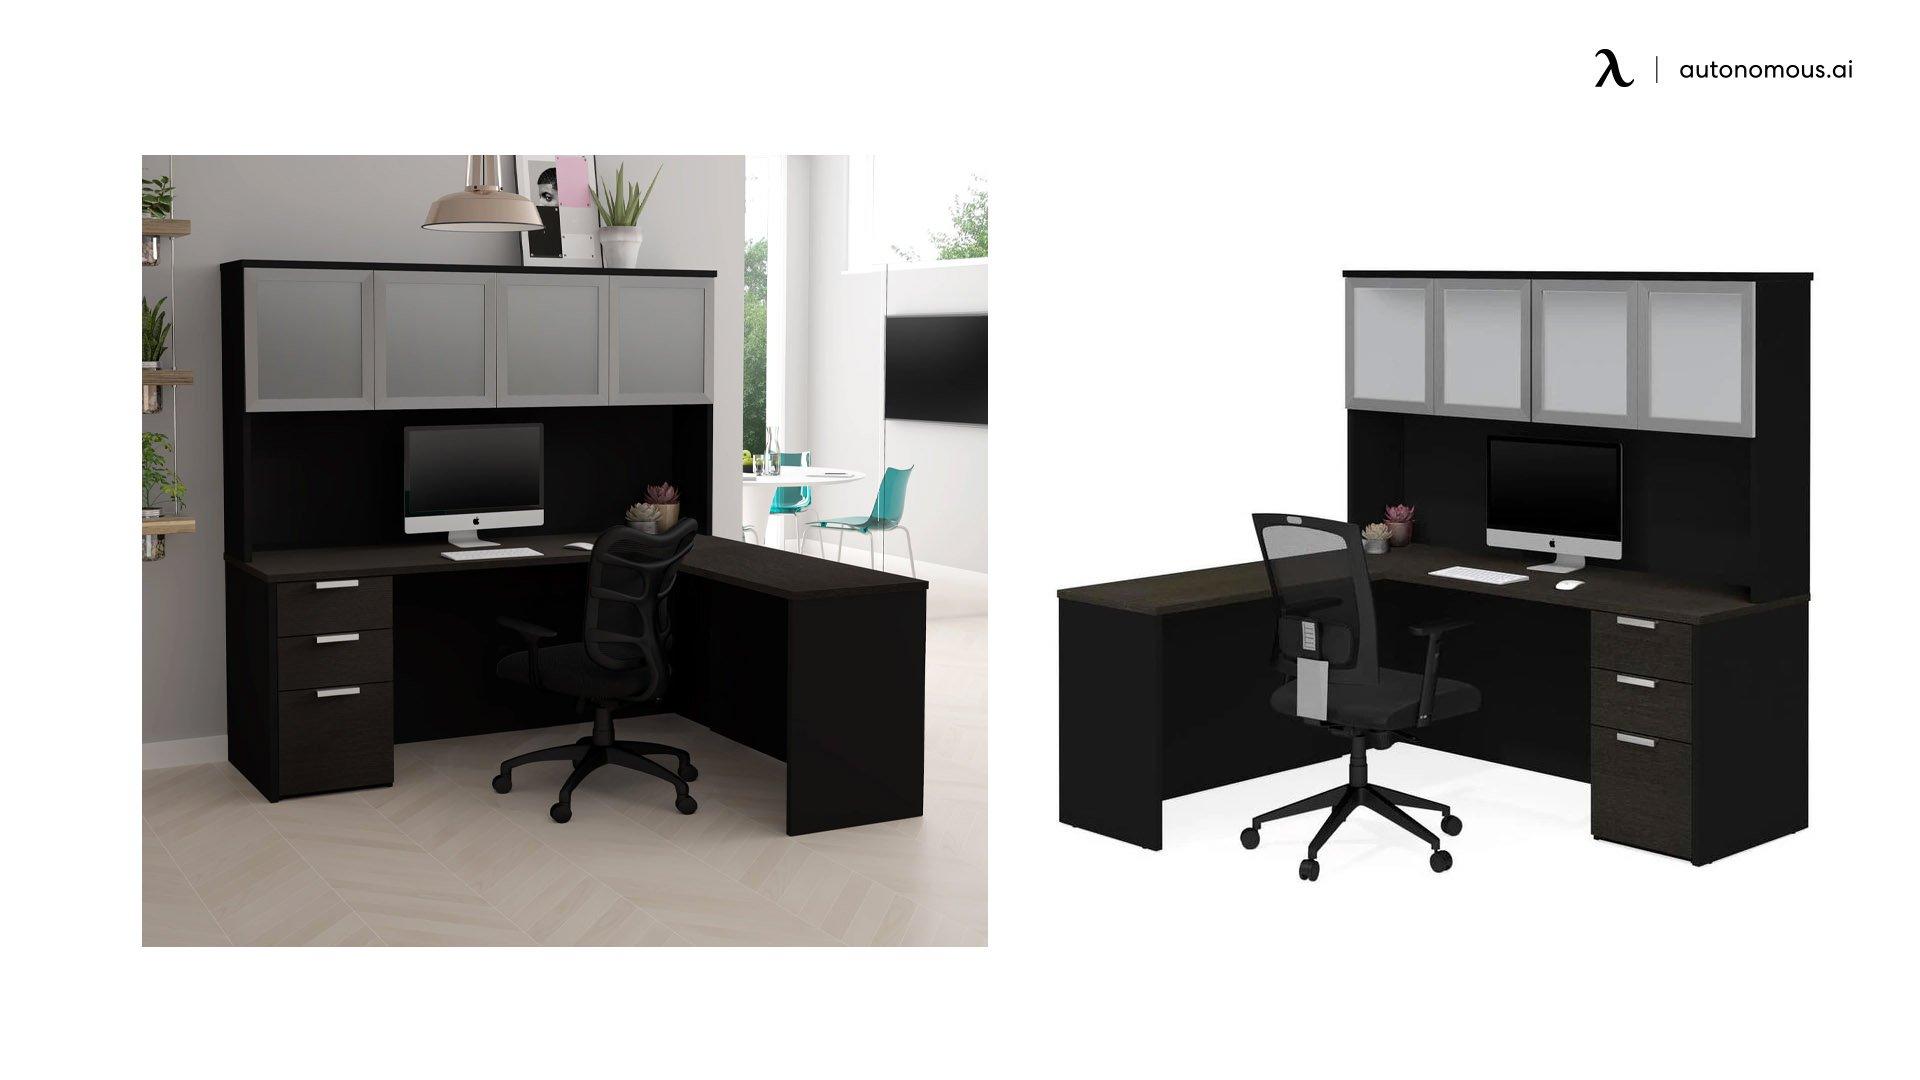 Hutch L-shaped Black Contemporary Desk